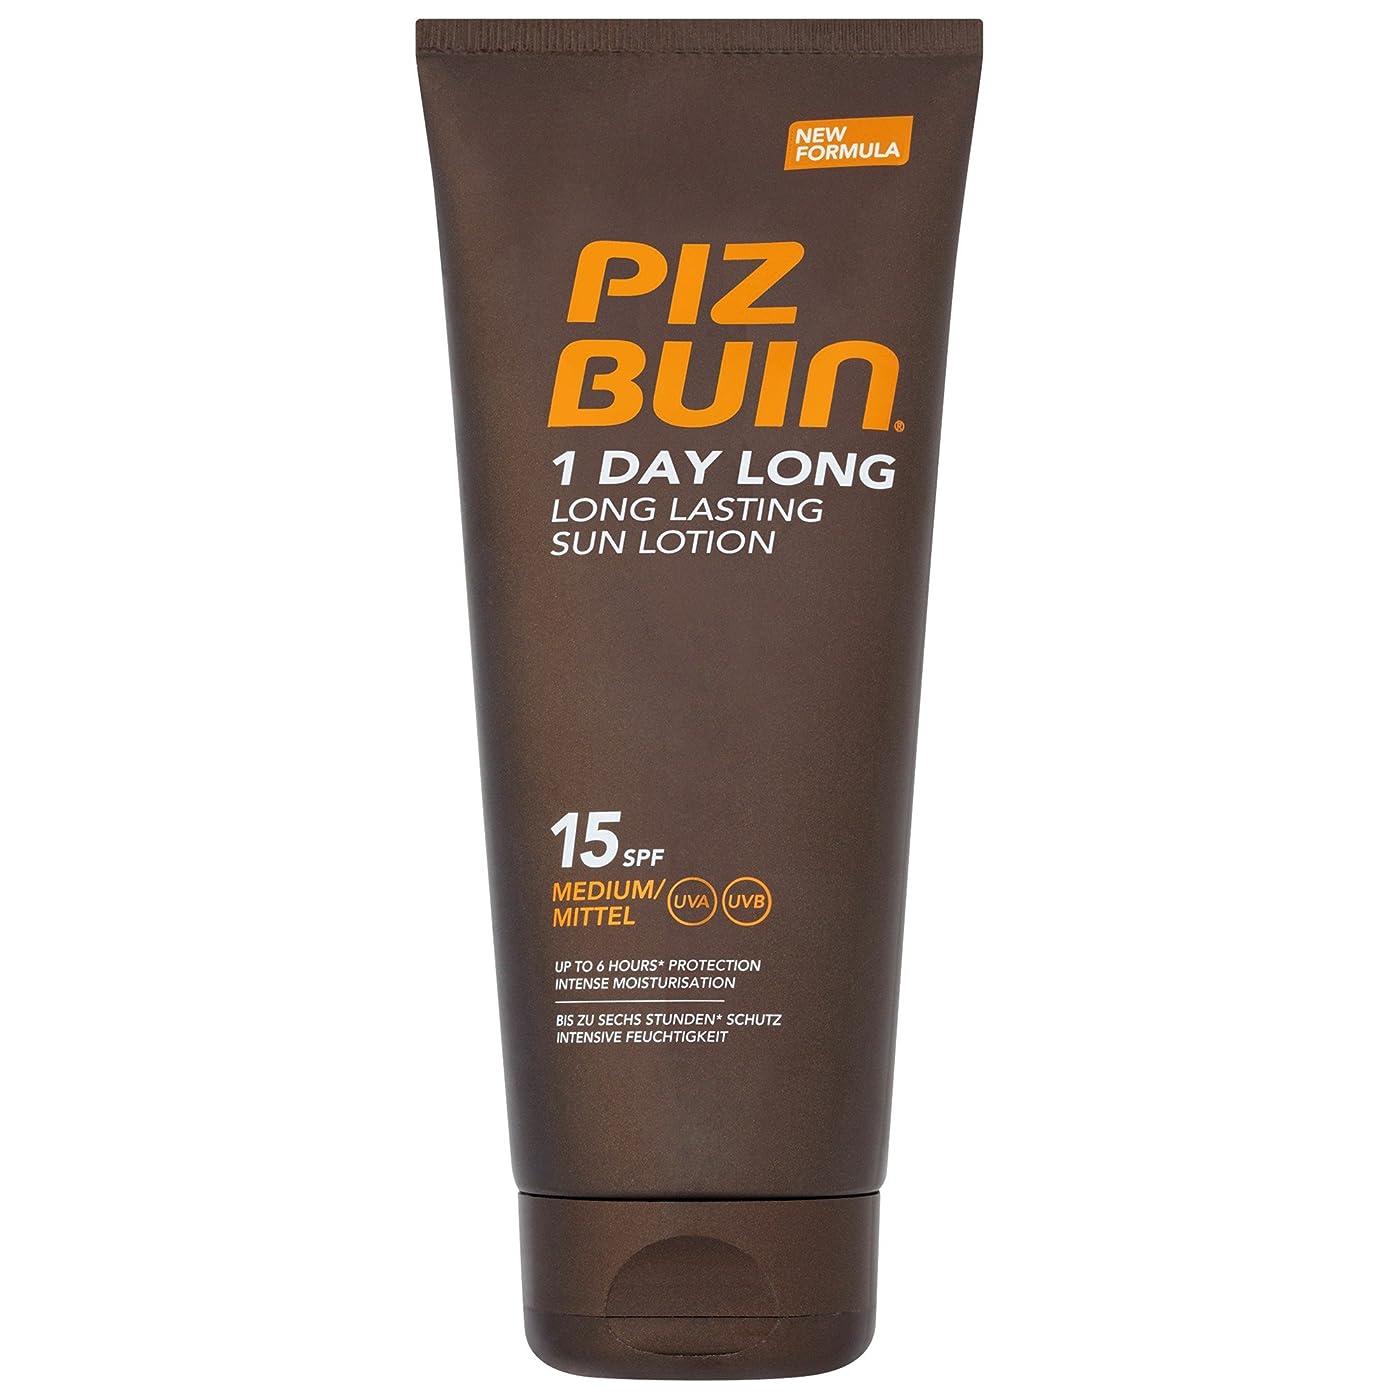 冷蔵庫アルファベット電気技師Piz Buin 1 Day Long SPF15 Sun Lotion 200ml - ピッツブーインの1日長い15の日焼けローション200 [並行輸入品]